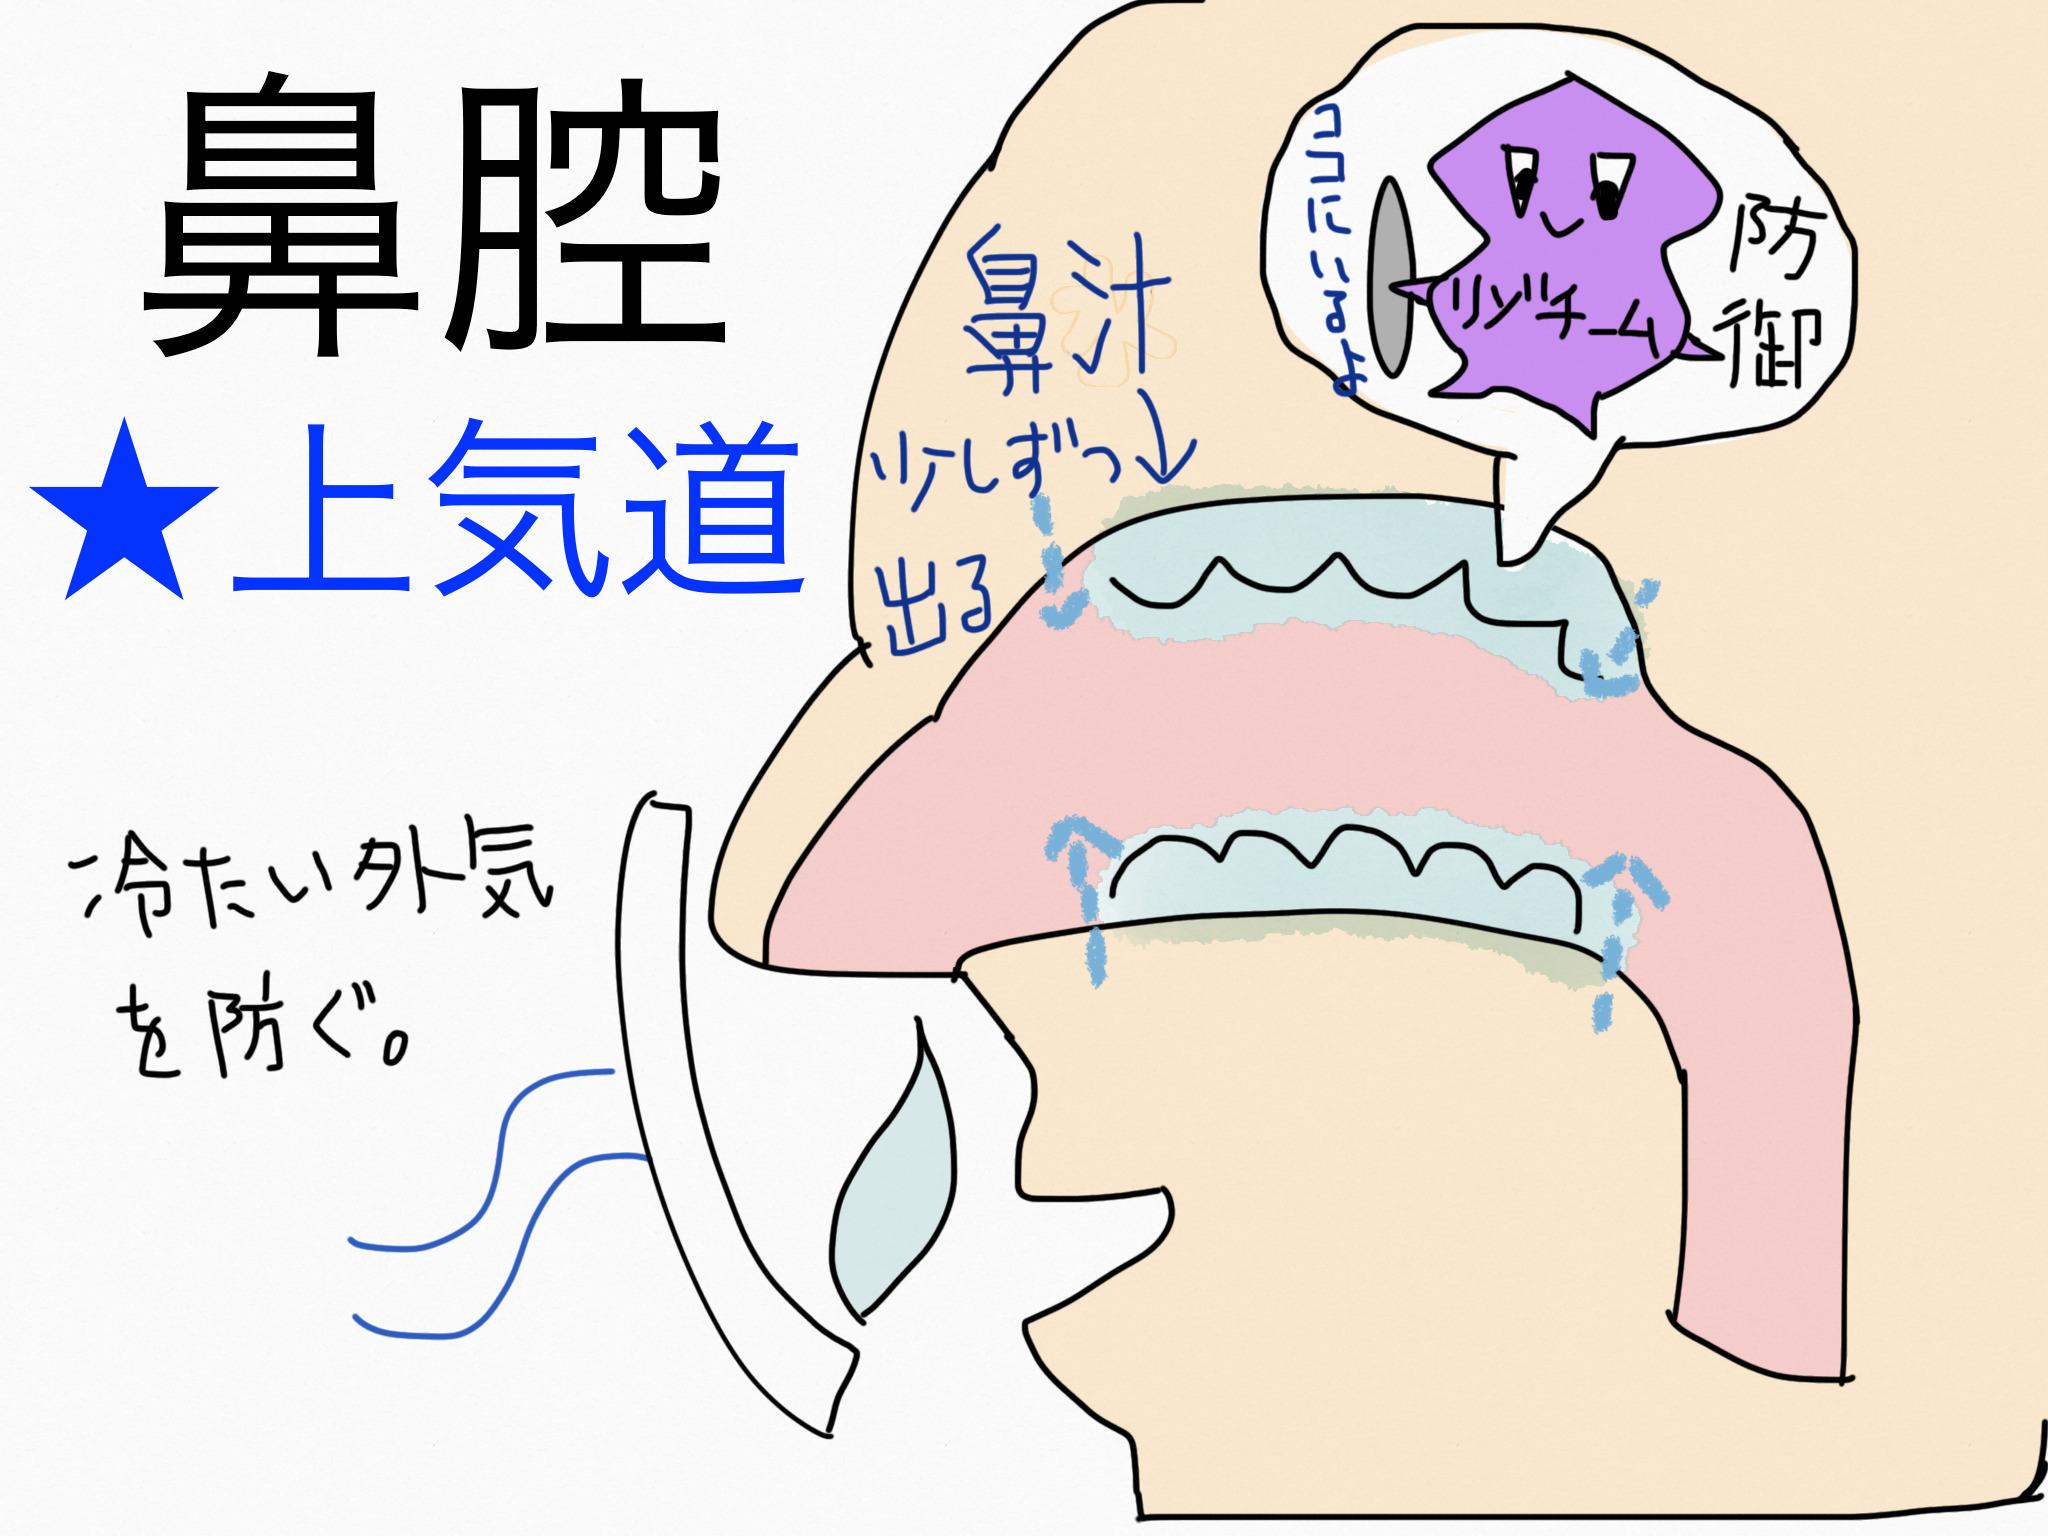 呼吸器系/鼻腔【第2章の覚え方】